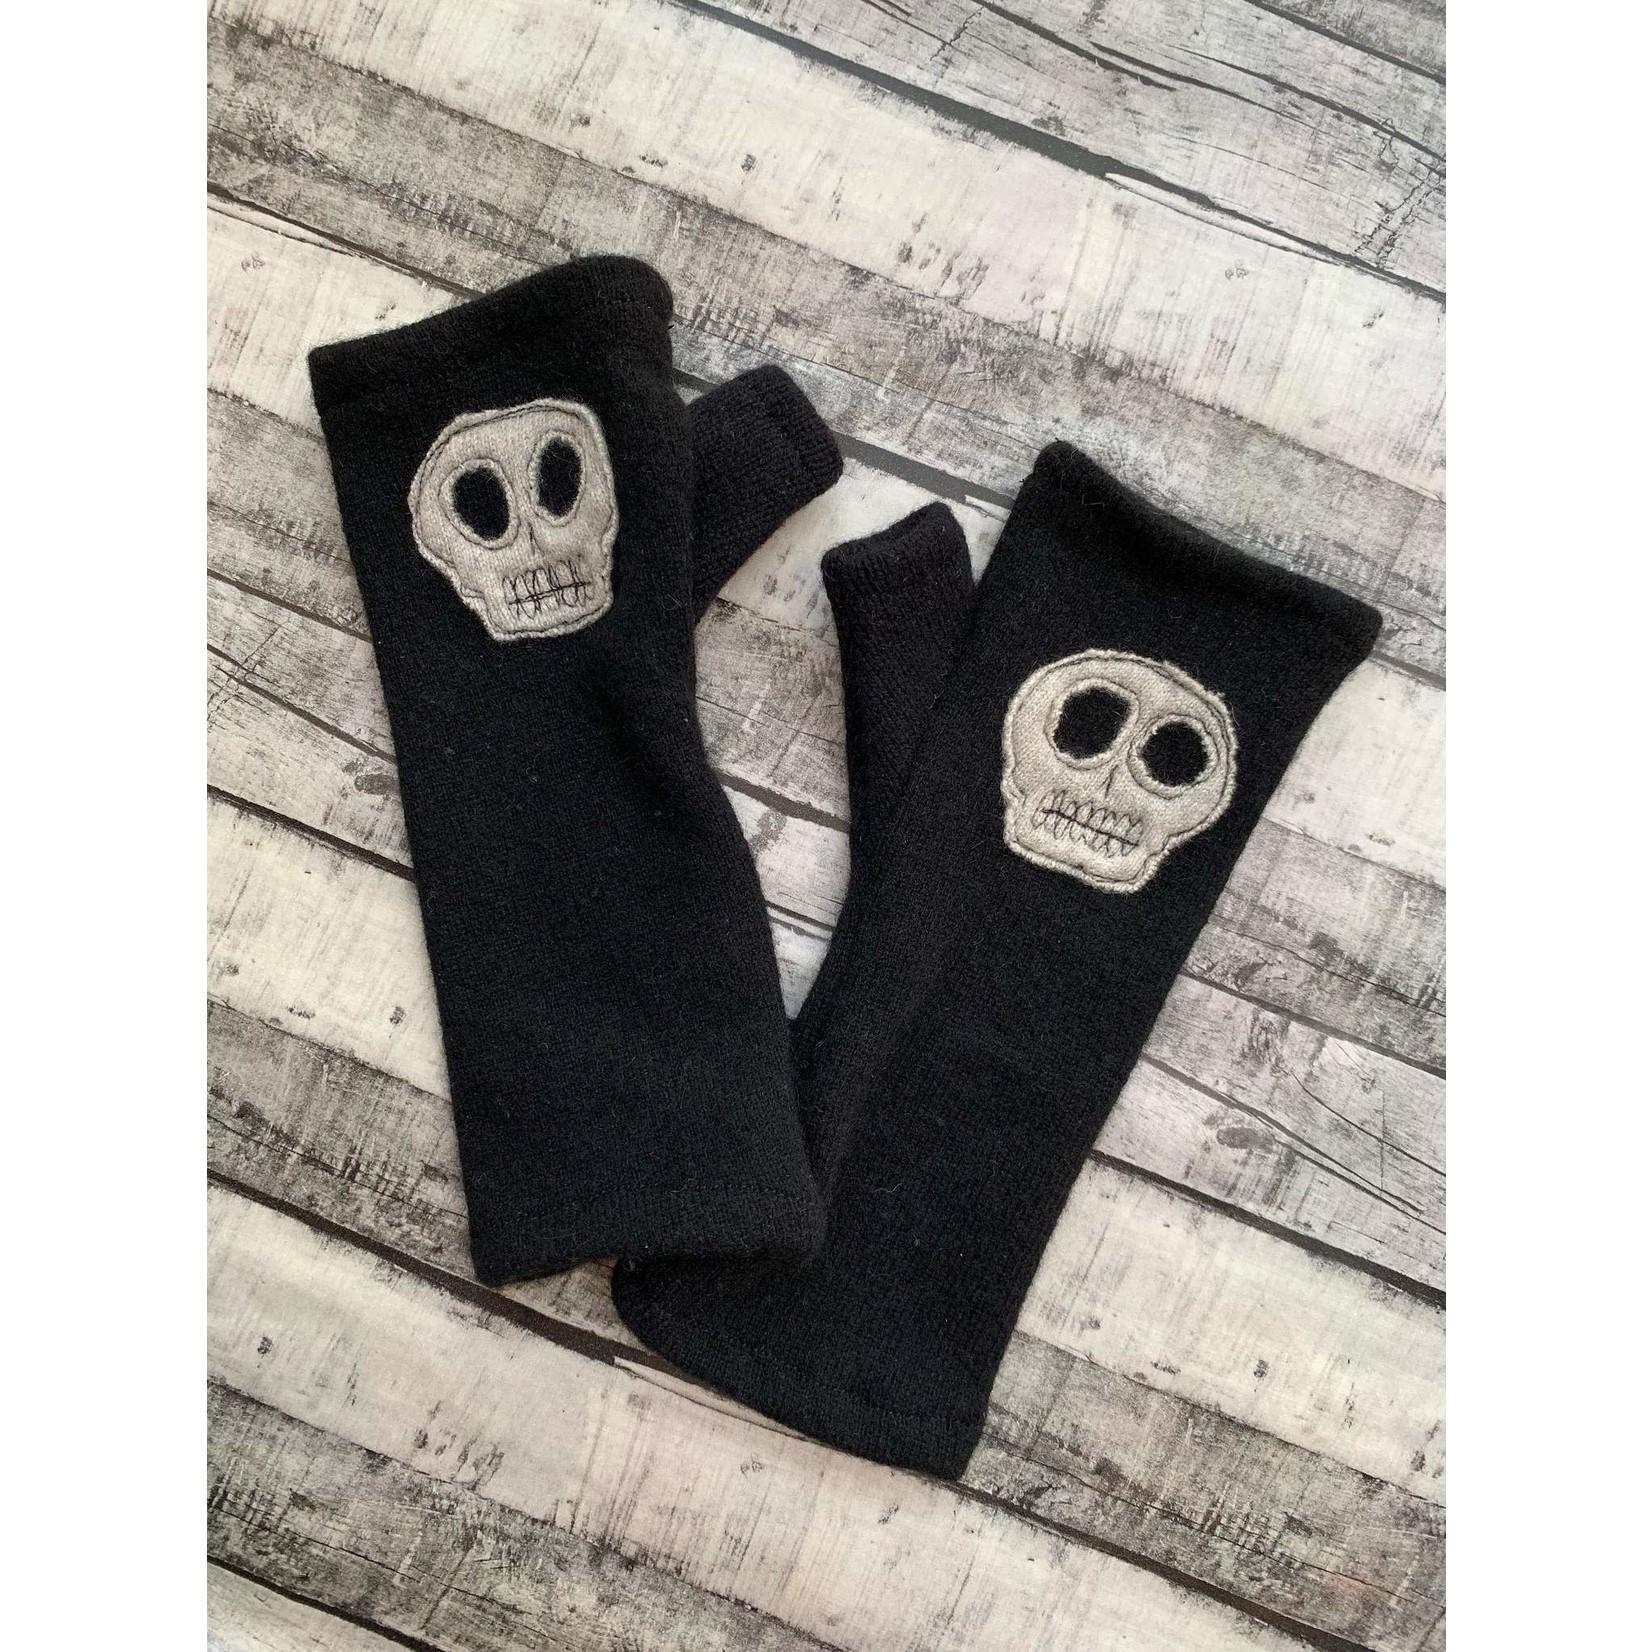 Cashmere fingerless gloves - Black With Skulls